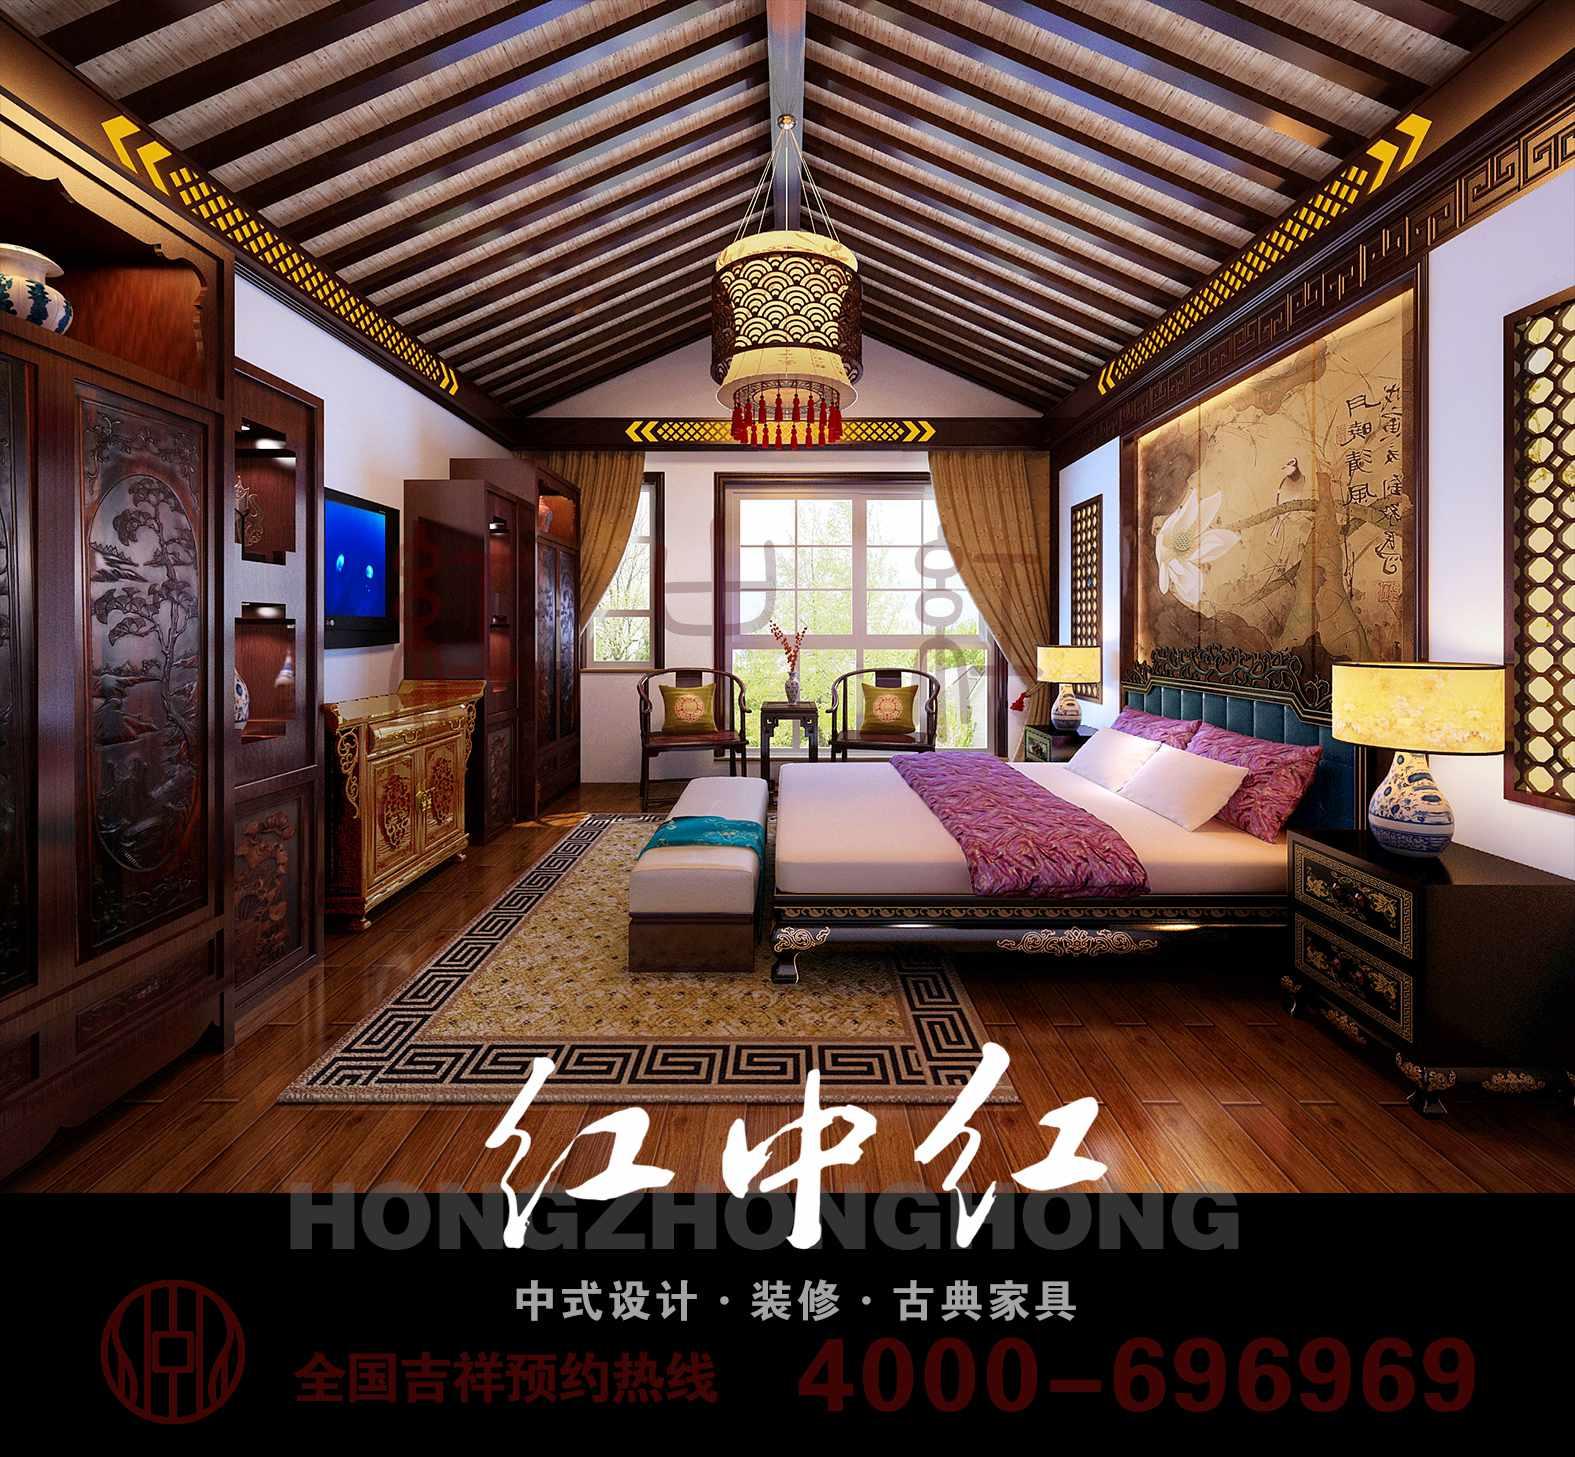 木花格吊顶和大红色圆形吊灯,刚进门看见的墙壁上得窗户为传统的中式图片